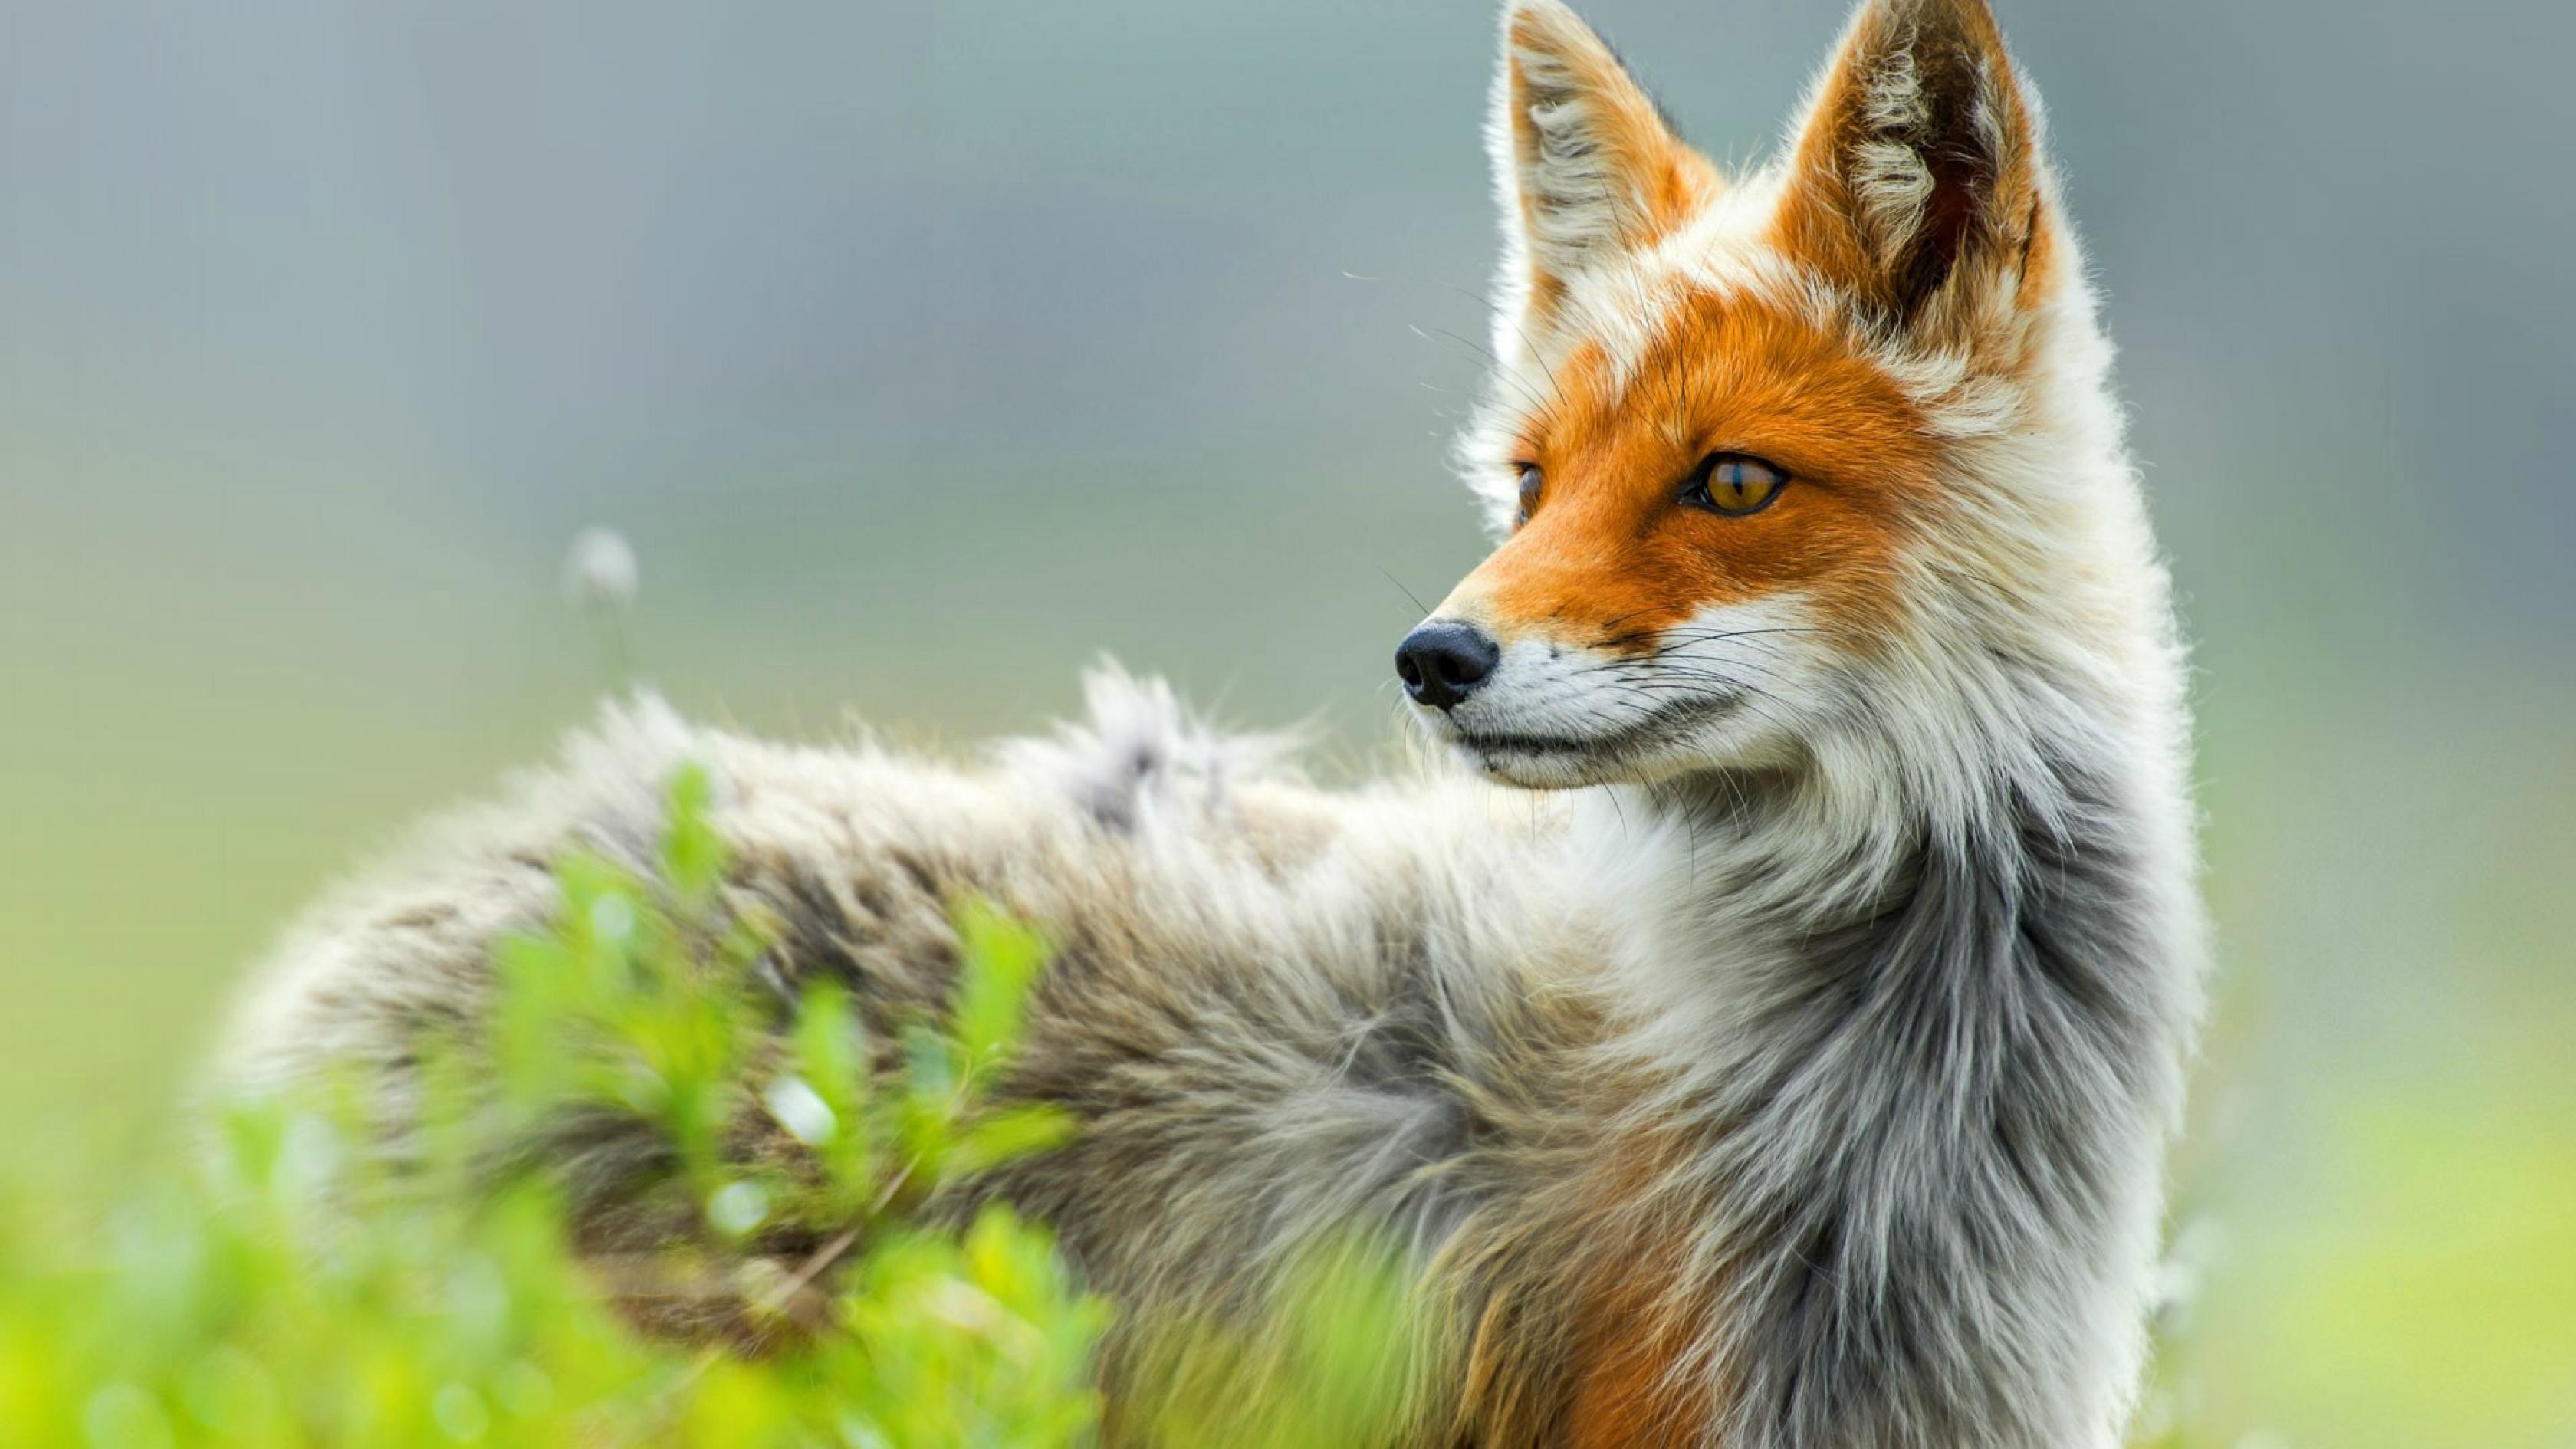 Животные фотографии красивые 4